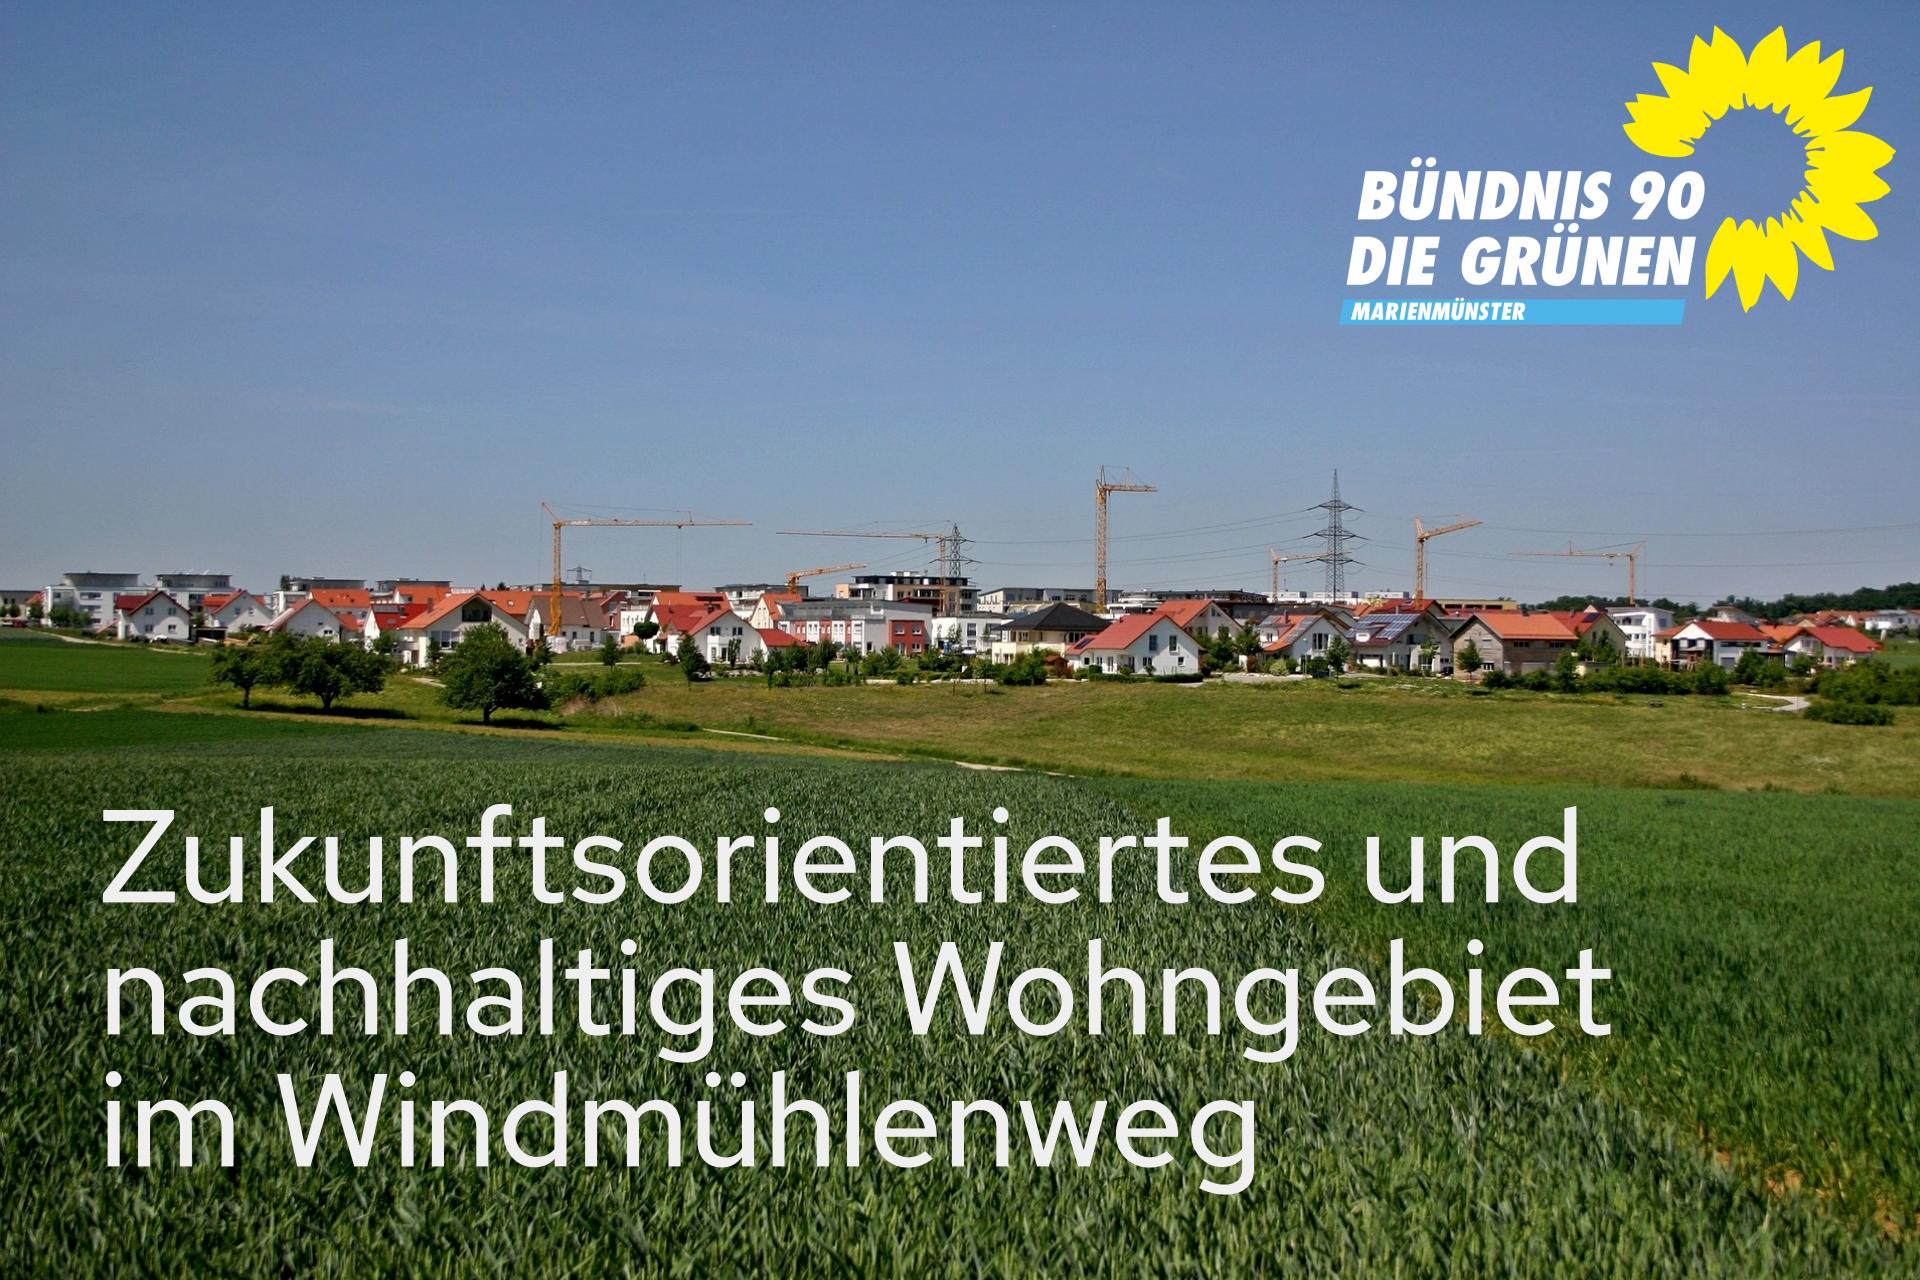 Grüne für zukunftsorientiertes, nachhaltiges Wohngebiet in Marienmünster.